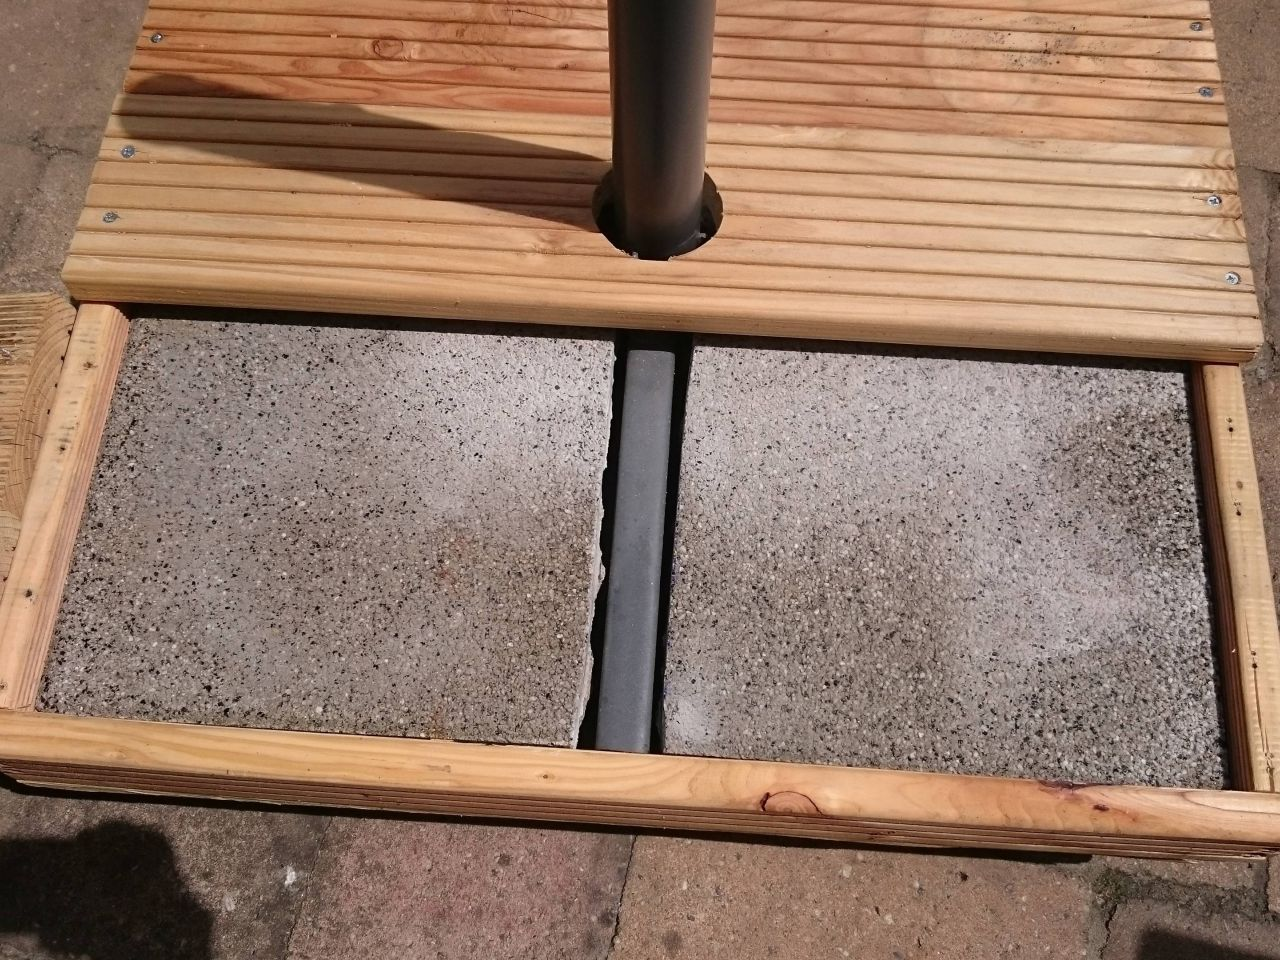 Fahrbarer Ständer für den Ampelschirm - Bauanleitung zum ...